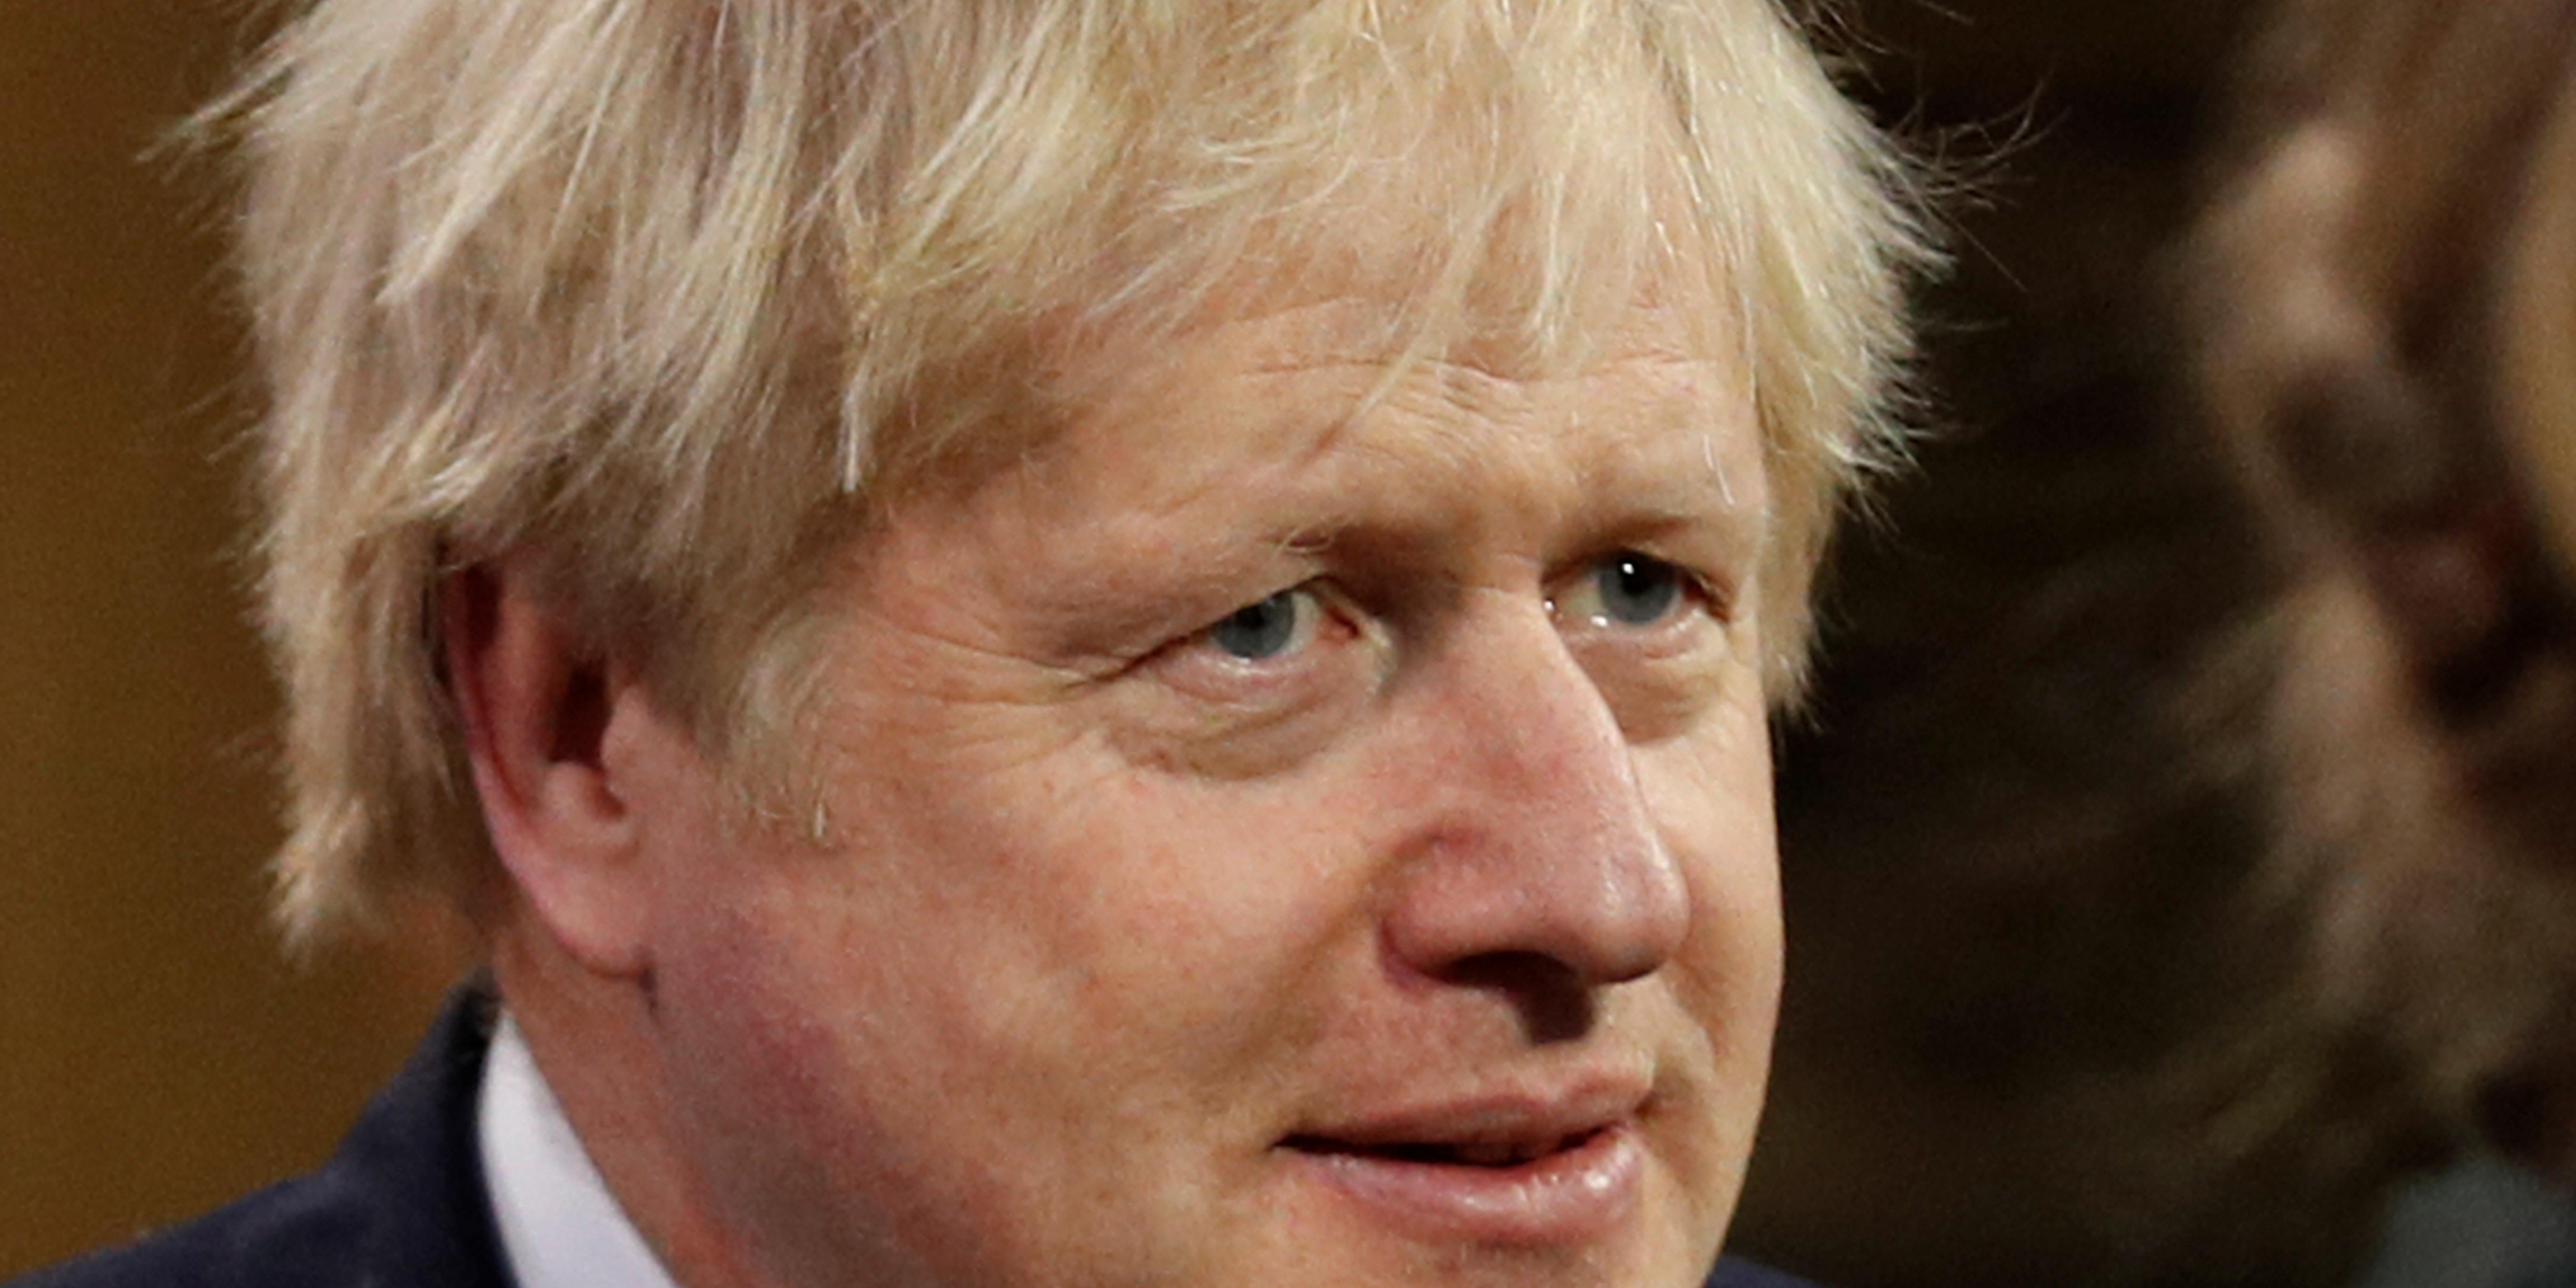 Brexit, santé : Boris Johnson présente son programme pour réformer le Royaume-Uni